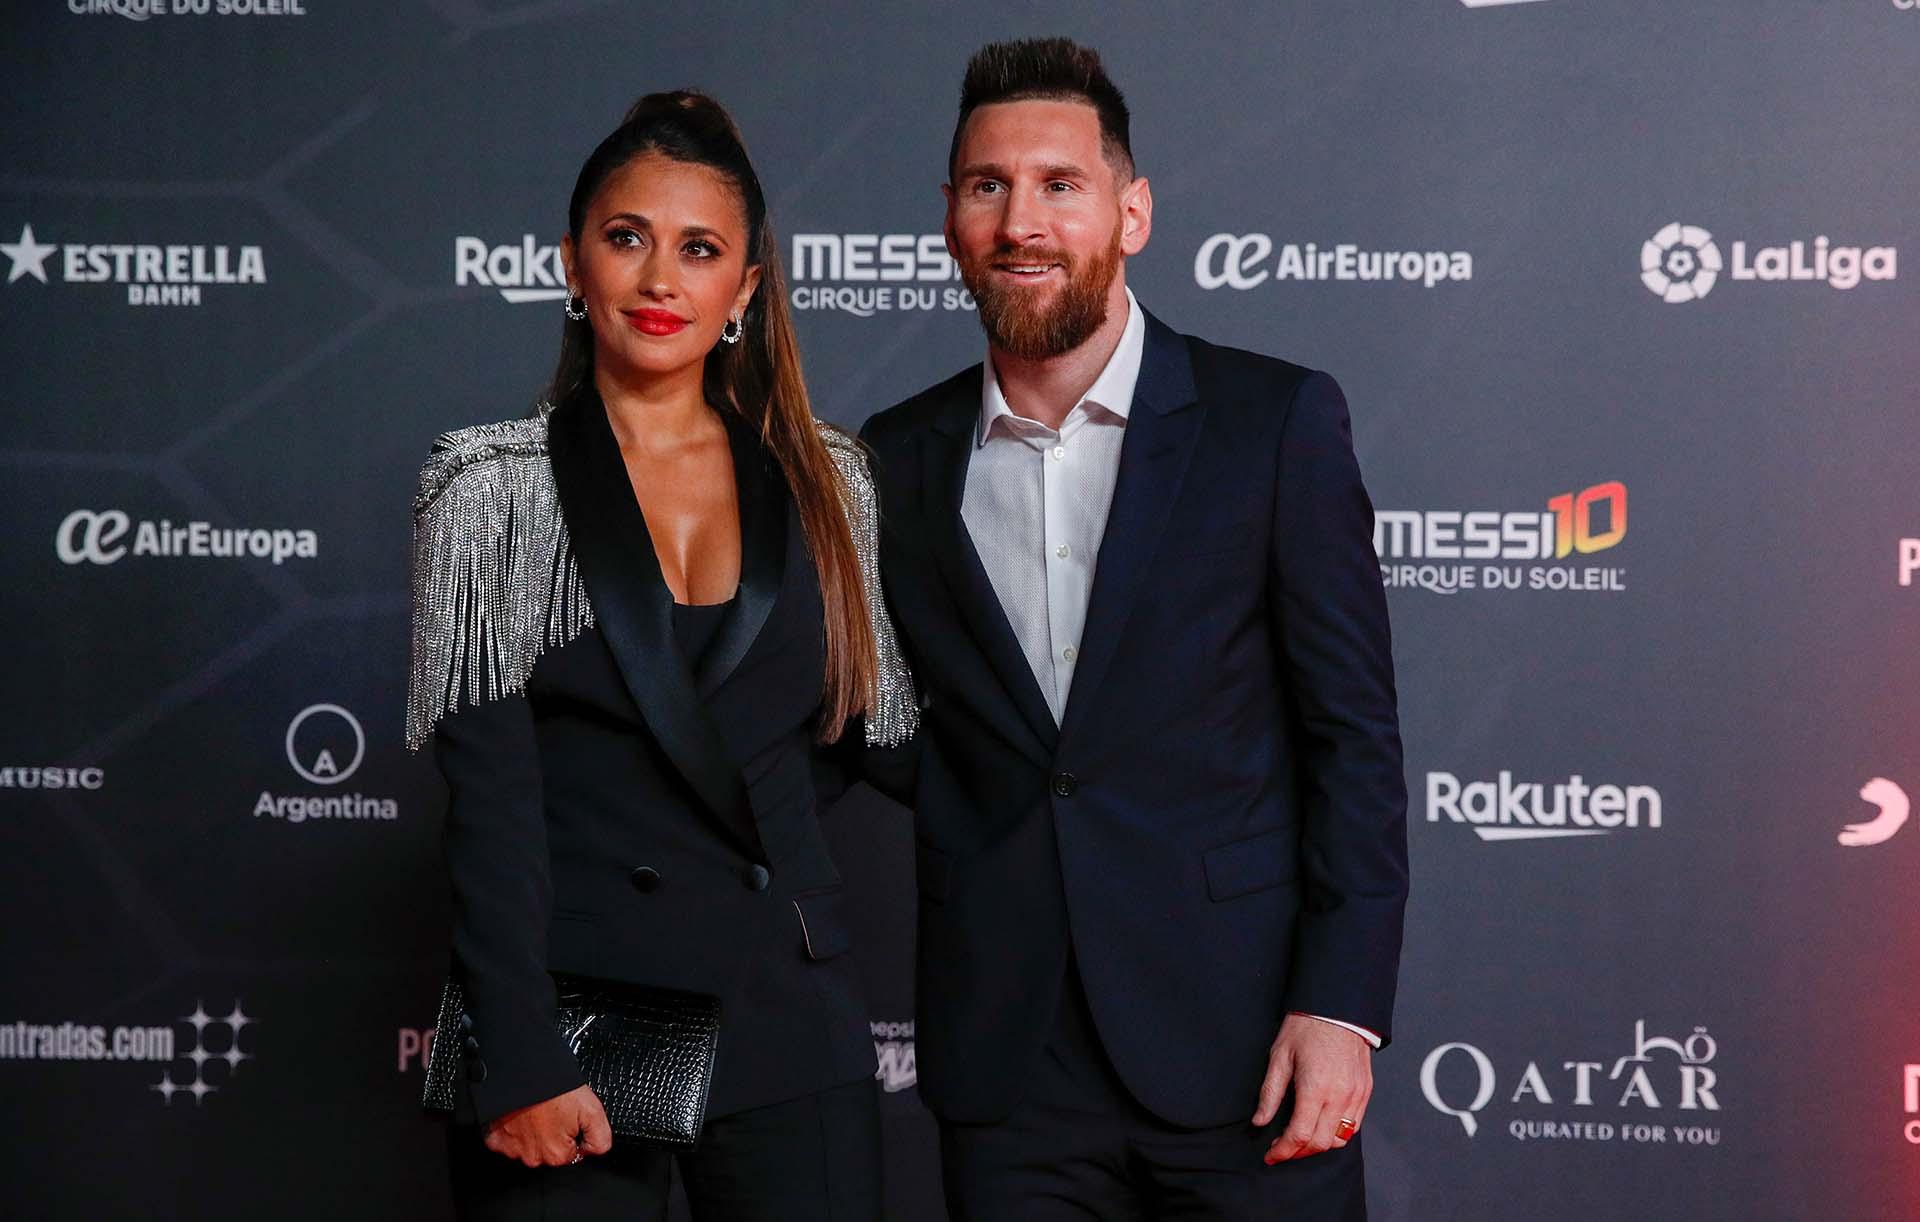 Lionel Messi, acompañado por Antonela Roccuzzo, fue la gran figura de la alfombra roja de la presentación del nuevo show del Cirque du Soleil inspirada en su vida (Reuters / Albert Gea)